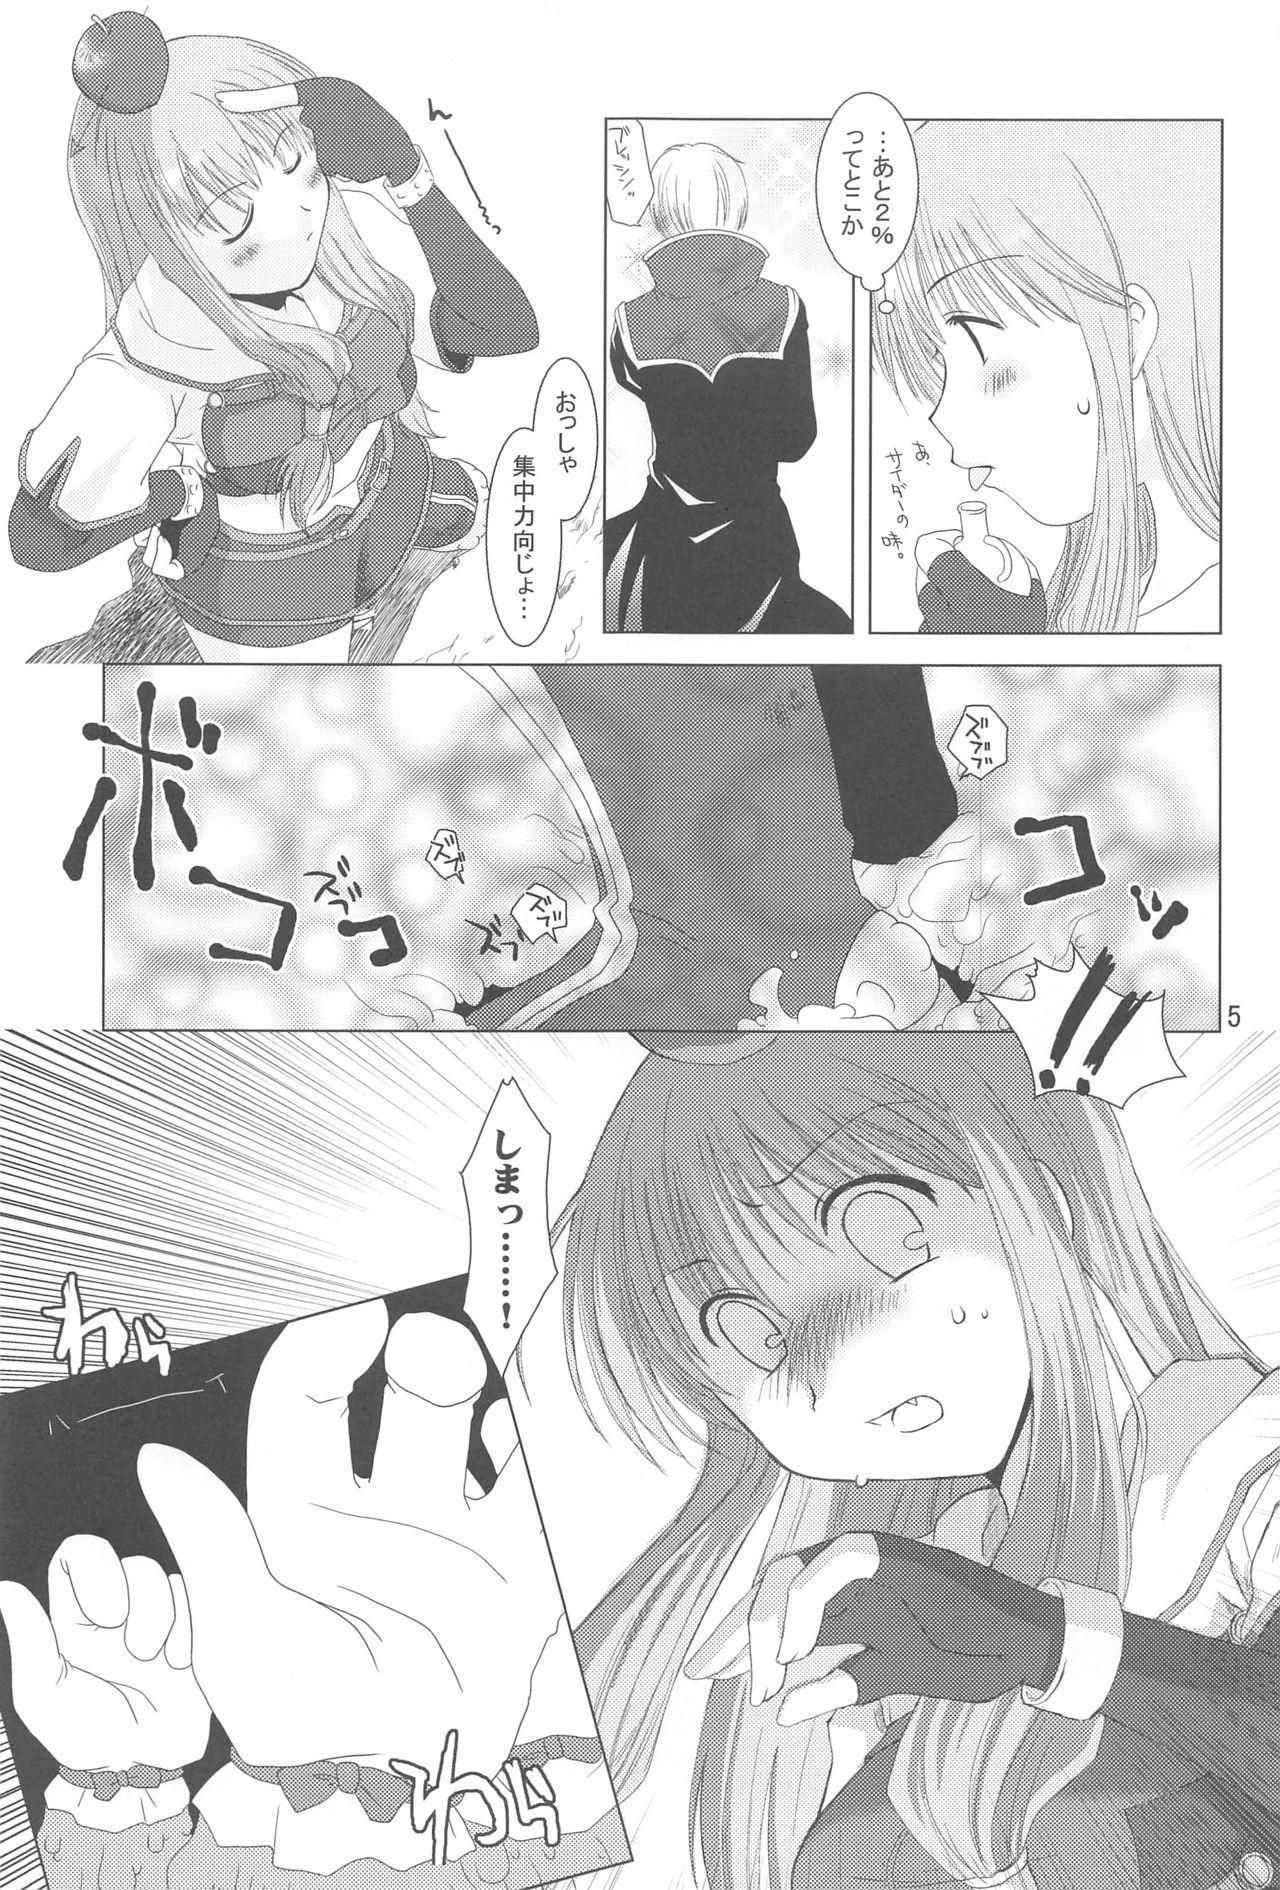 Quagmire no Chuushin de, Shuuchuuryoku Koujou to Sakebu 3